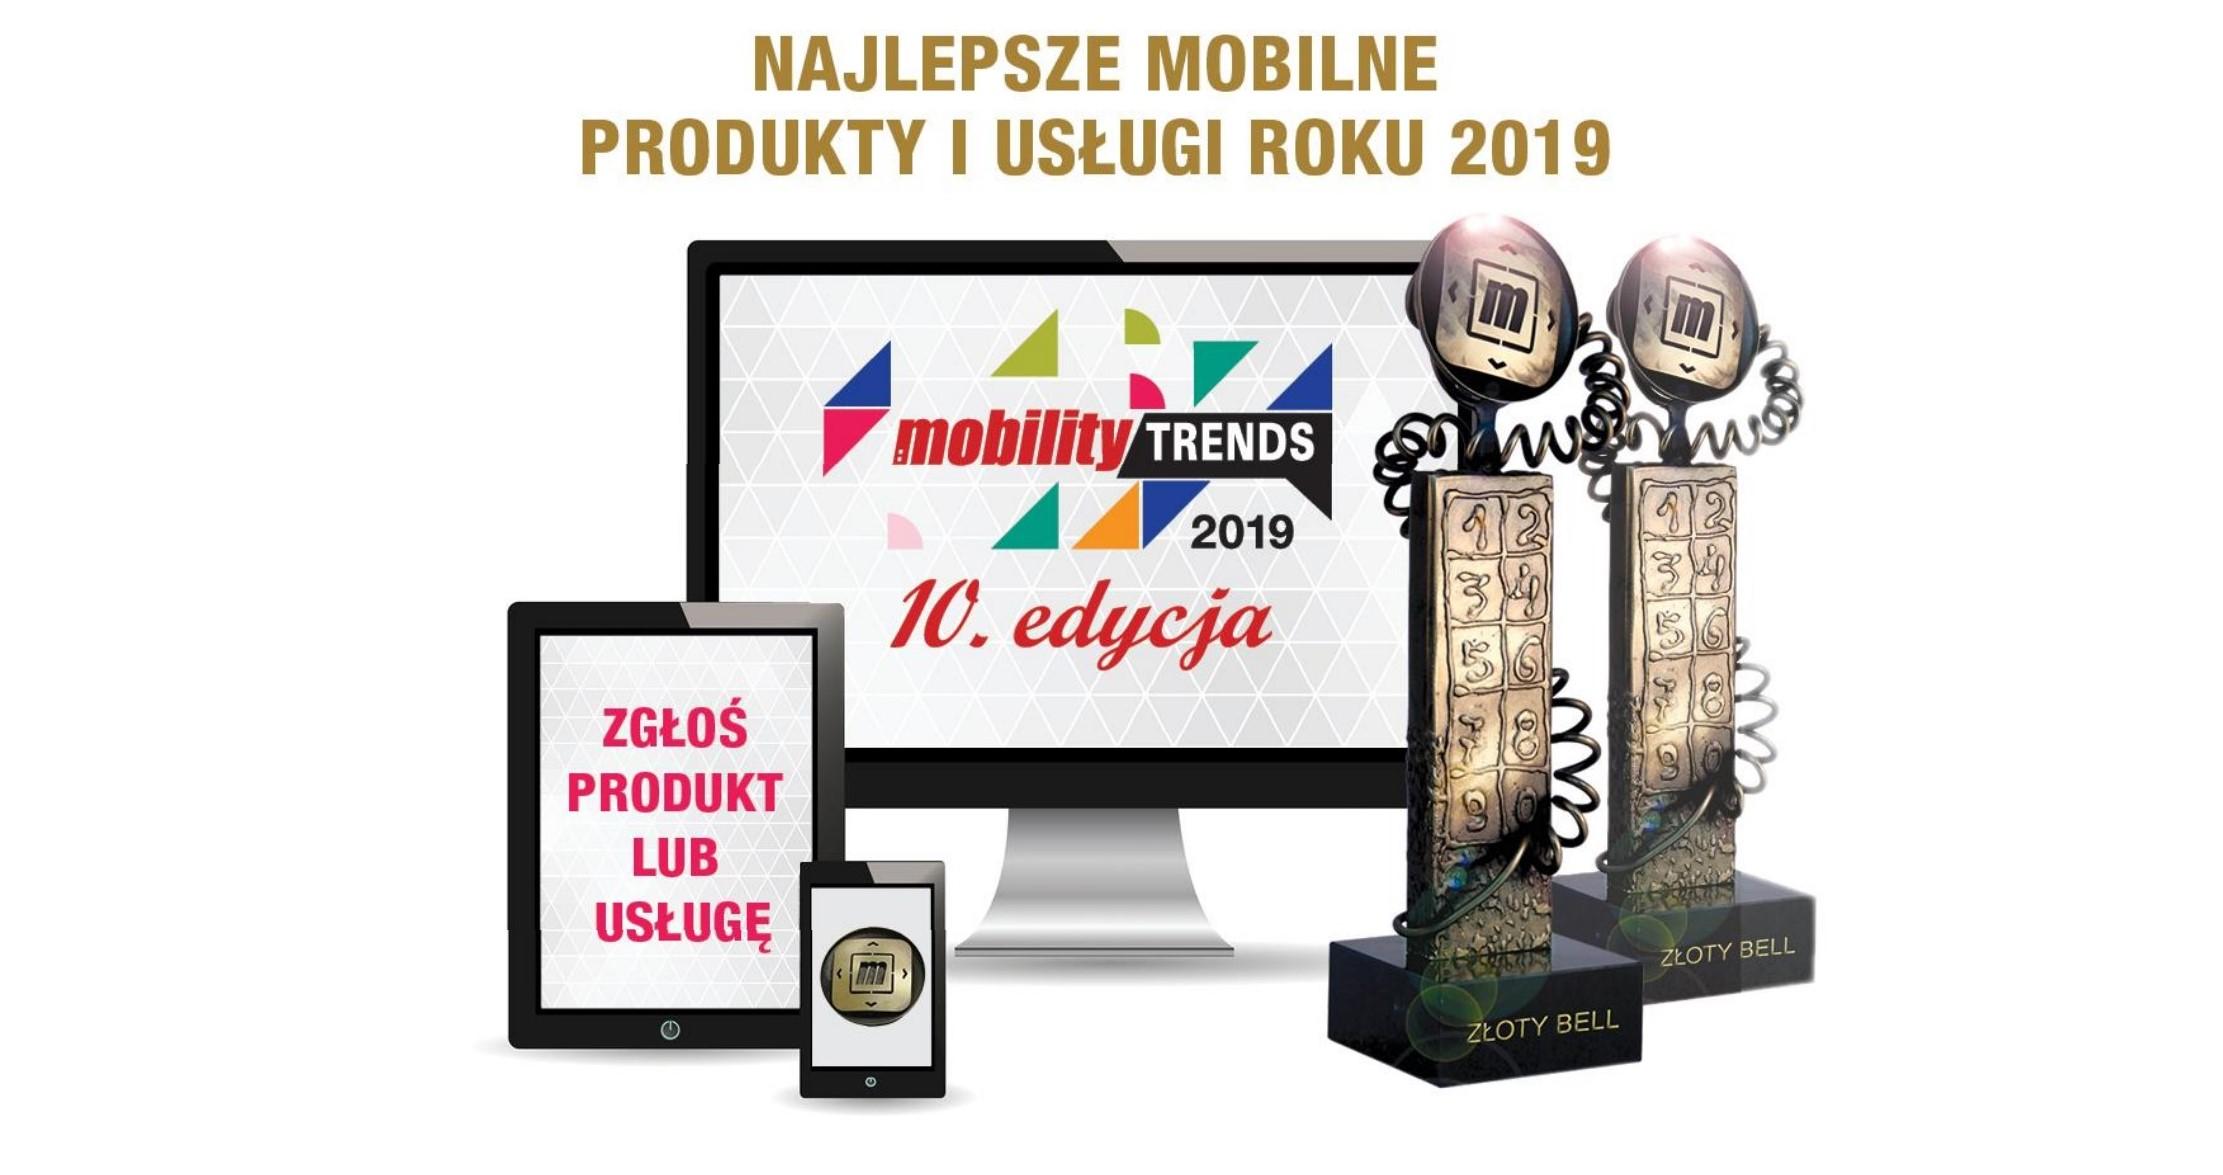 10. edycja plebiscytu Mobility Trends - dla uczestników przewidziano nagrody! 19